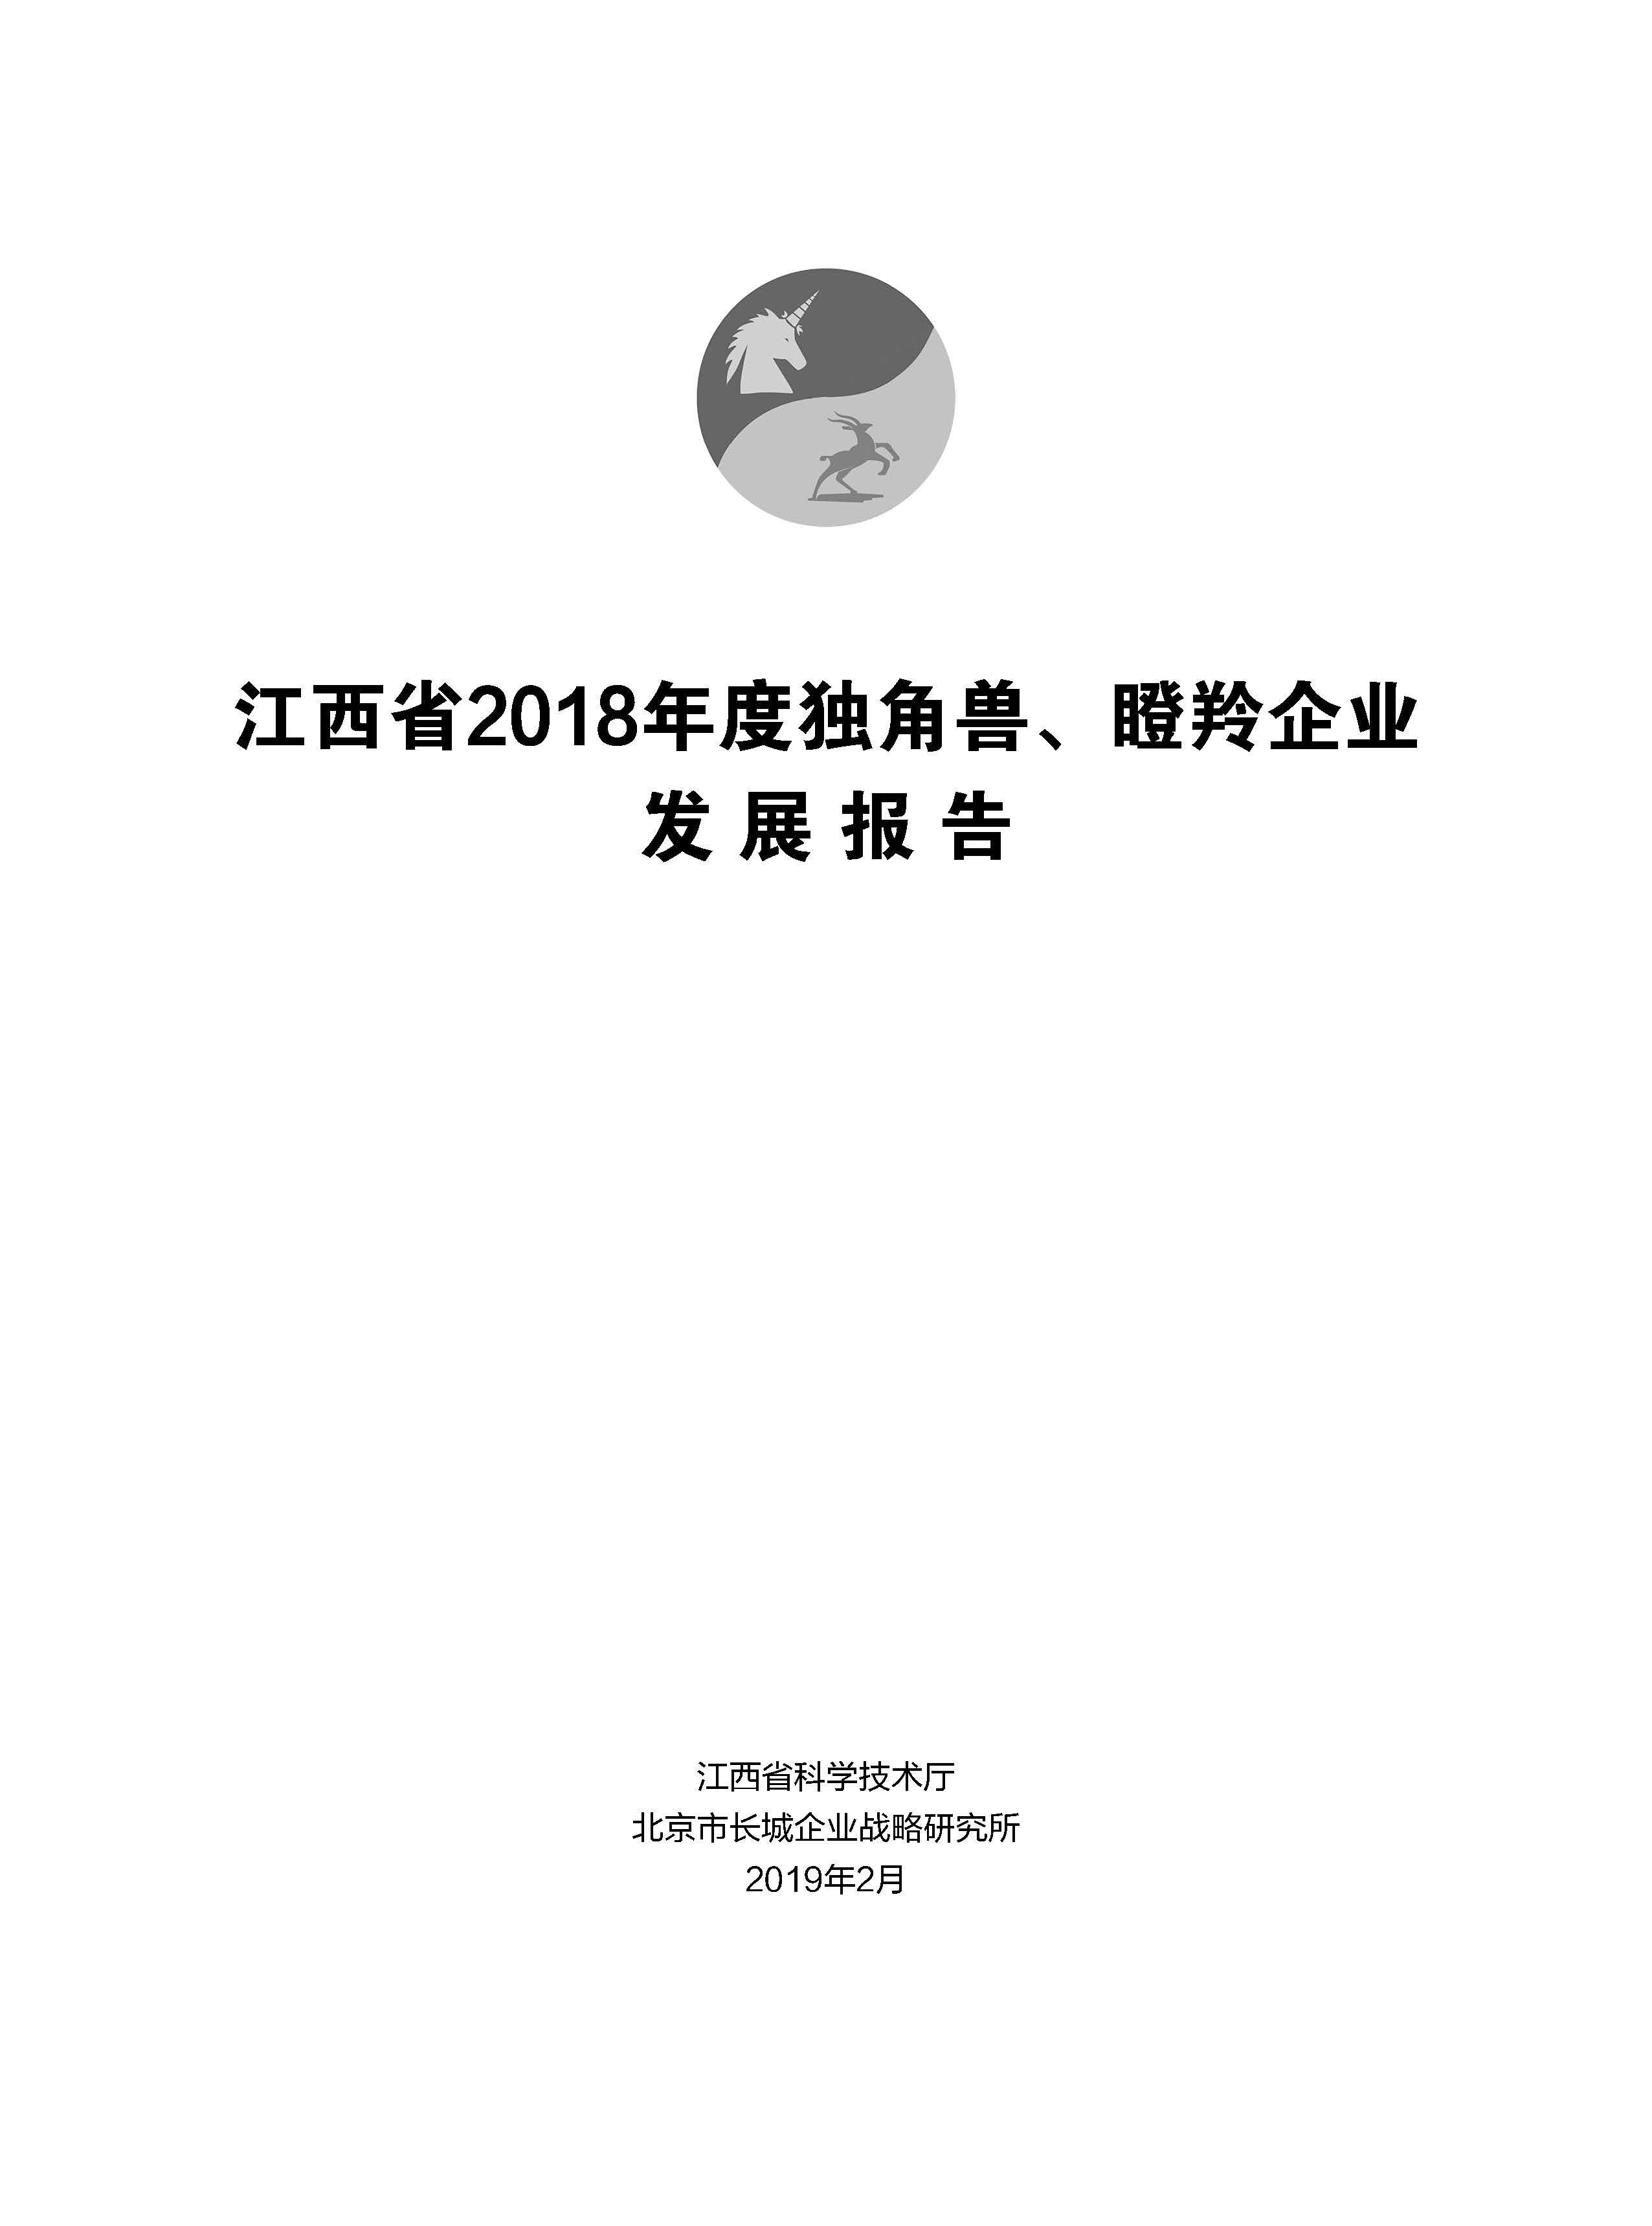 江西科技型企业发展报告_页面_01.jpg